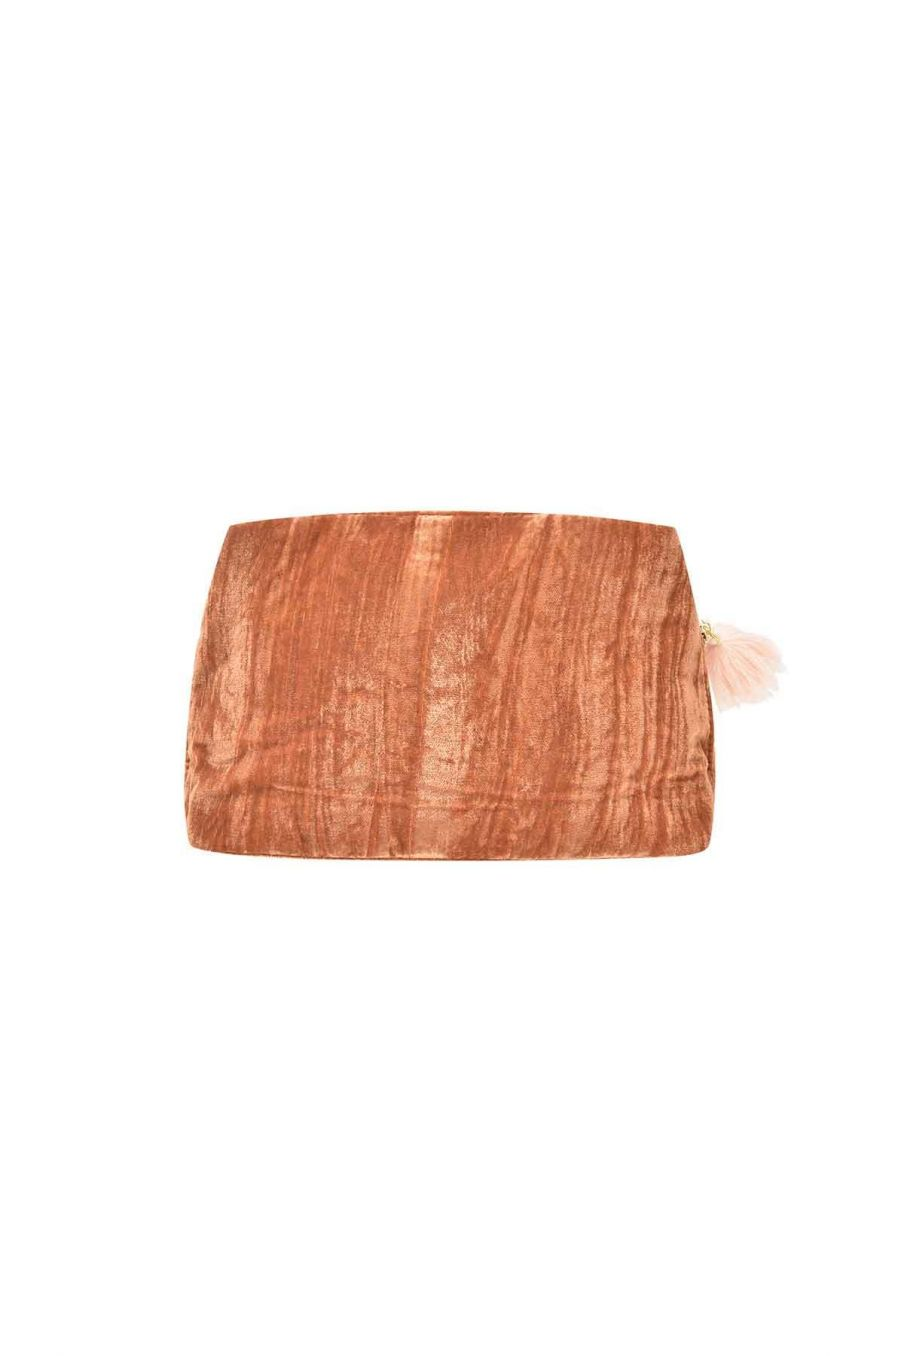 pochette maison marya caramel - louise misha